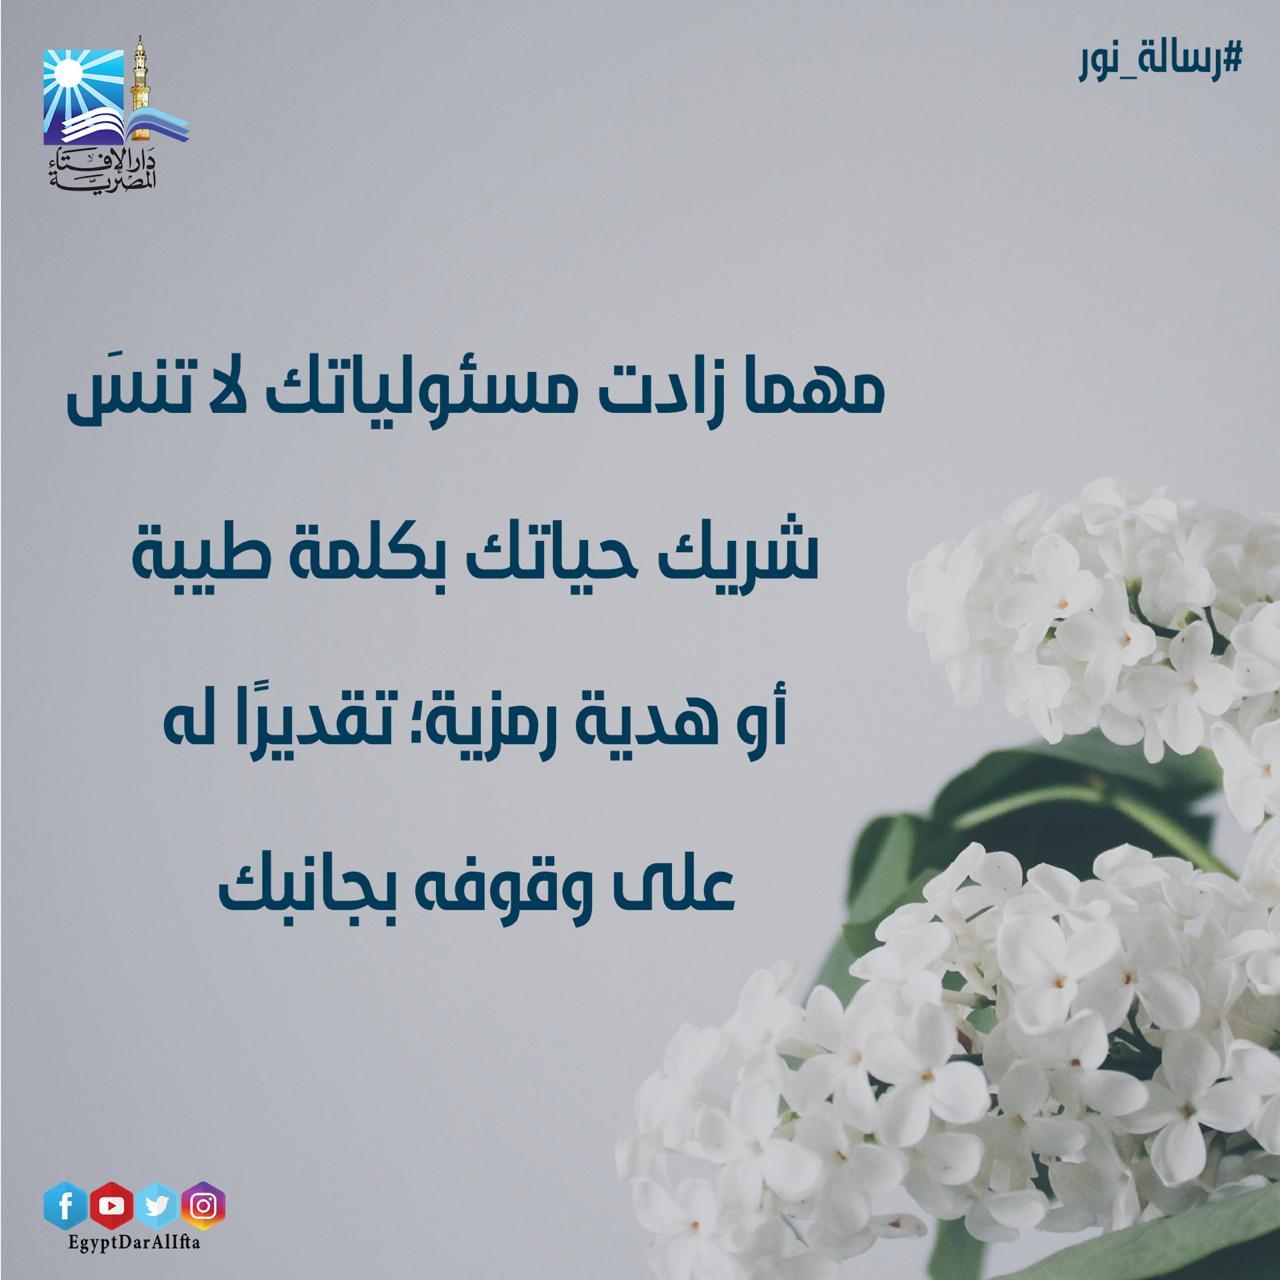 WhatsApp Image 2020-03-26 at 11.29.06 AM